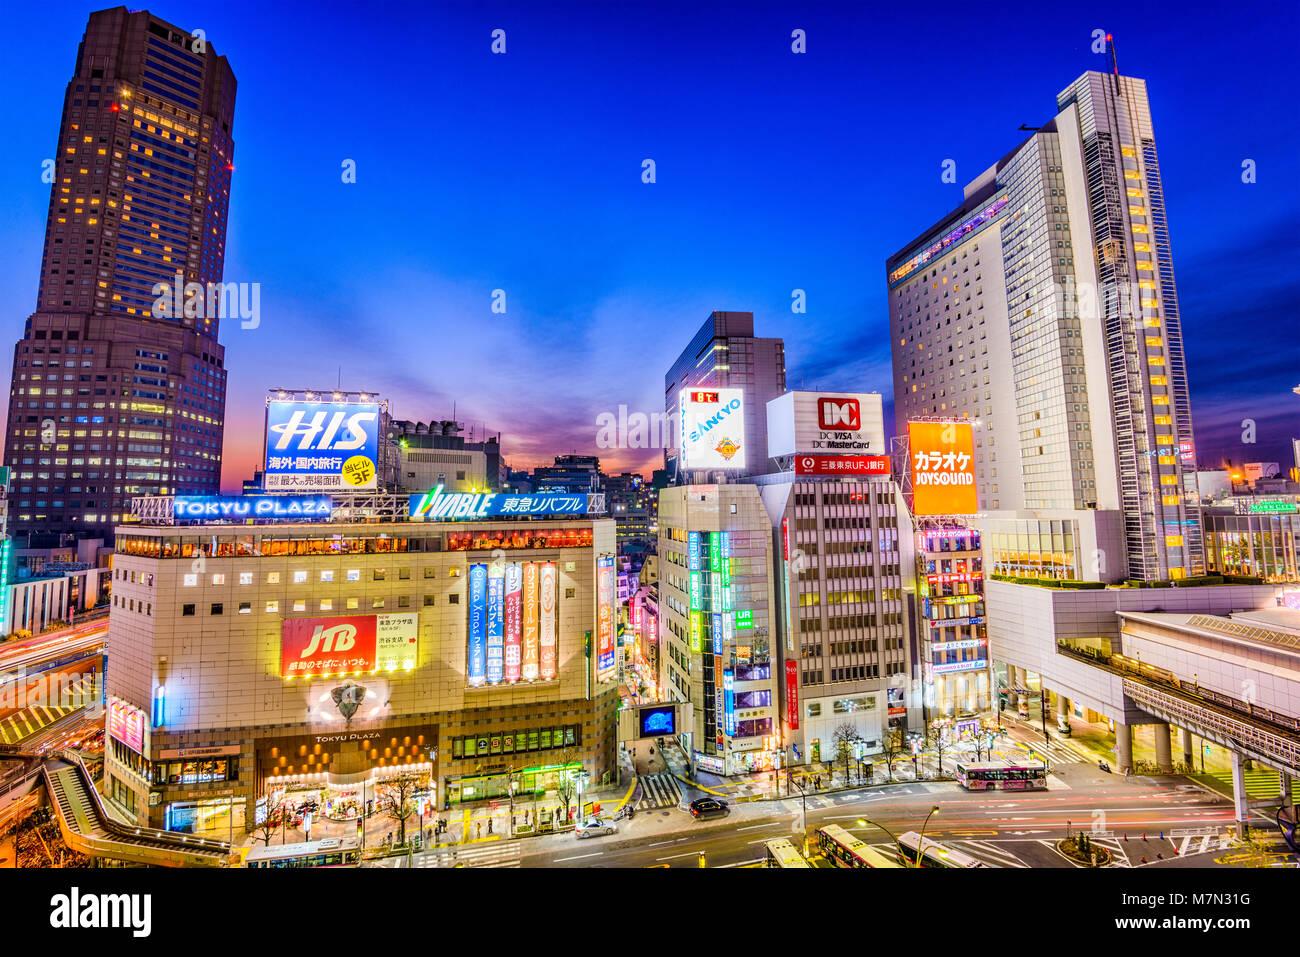 TOKYO, JAPON - 24 décembre 2012: le paysage urbain du quartier de Shibuya, au crépuscule. Le quartier Photo Stock